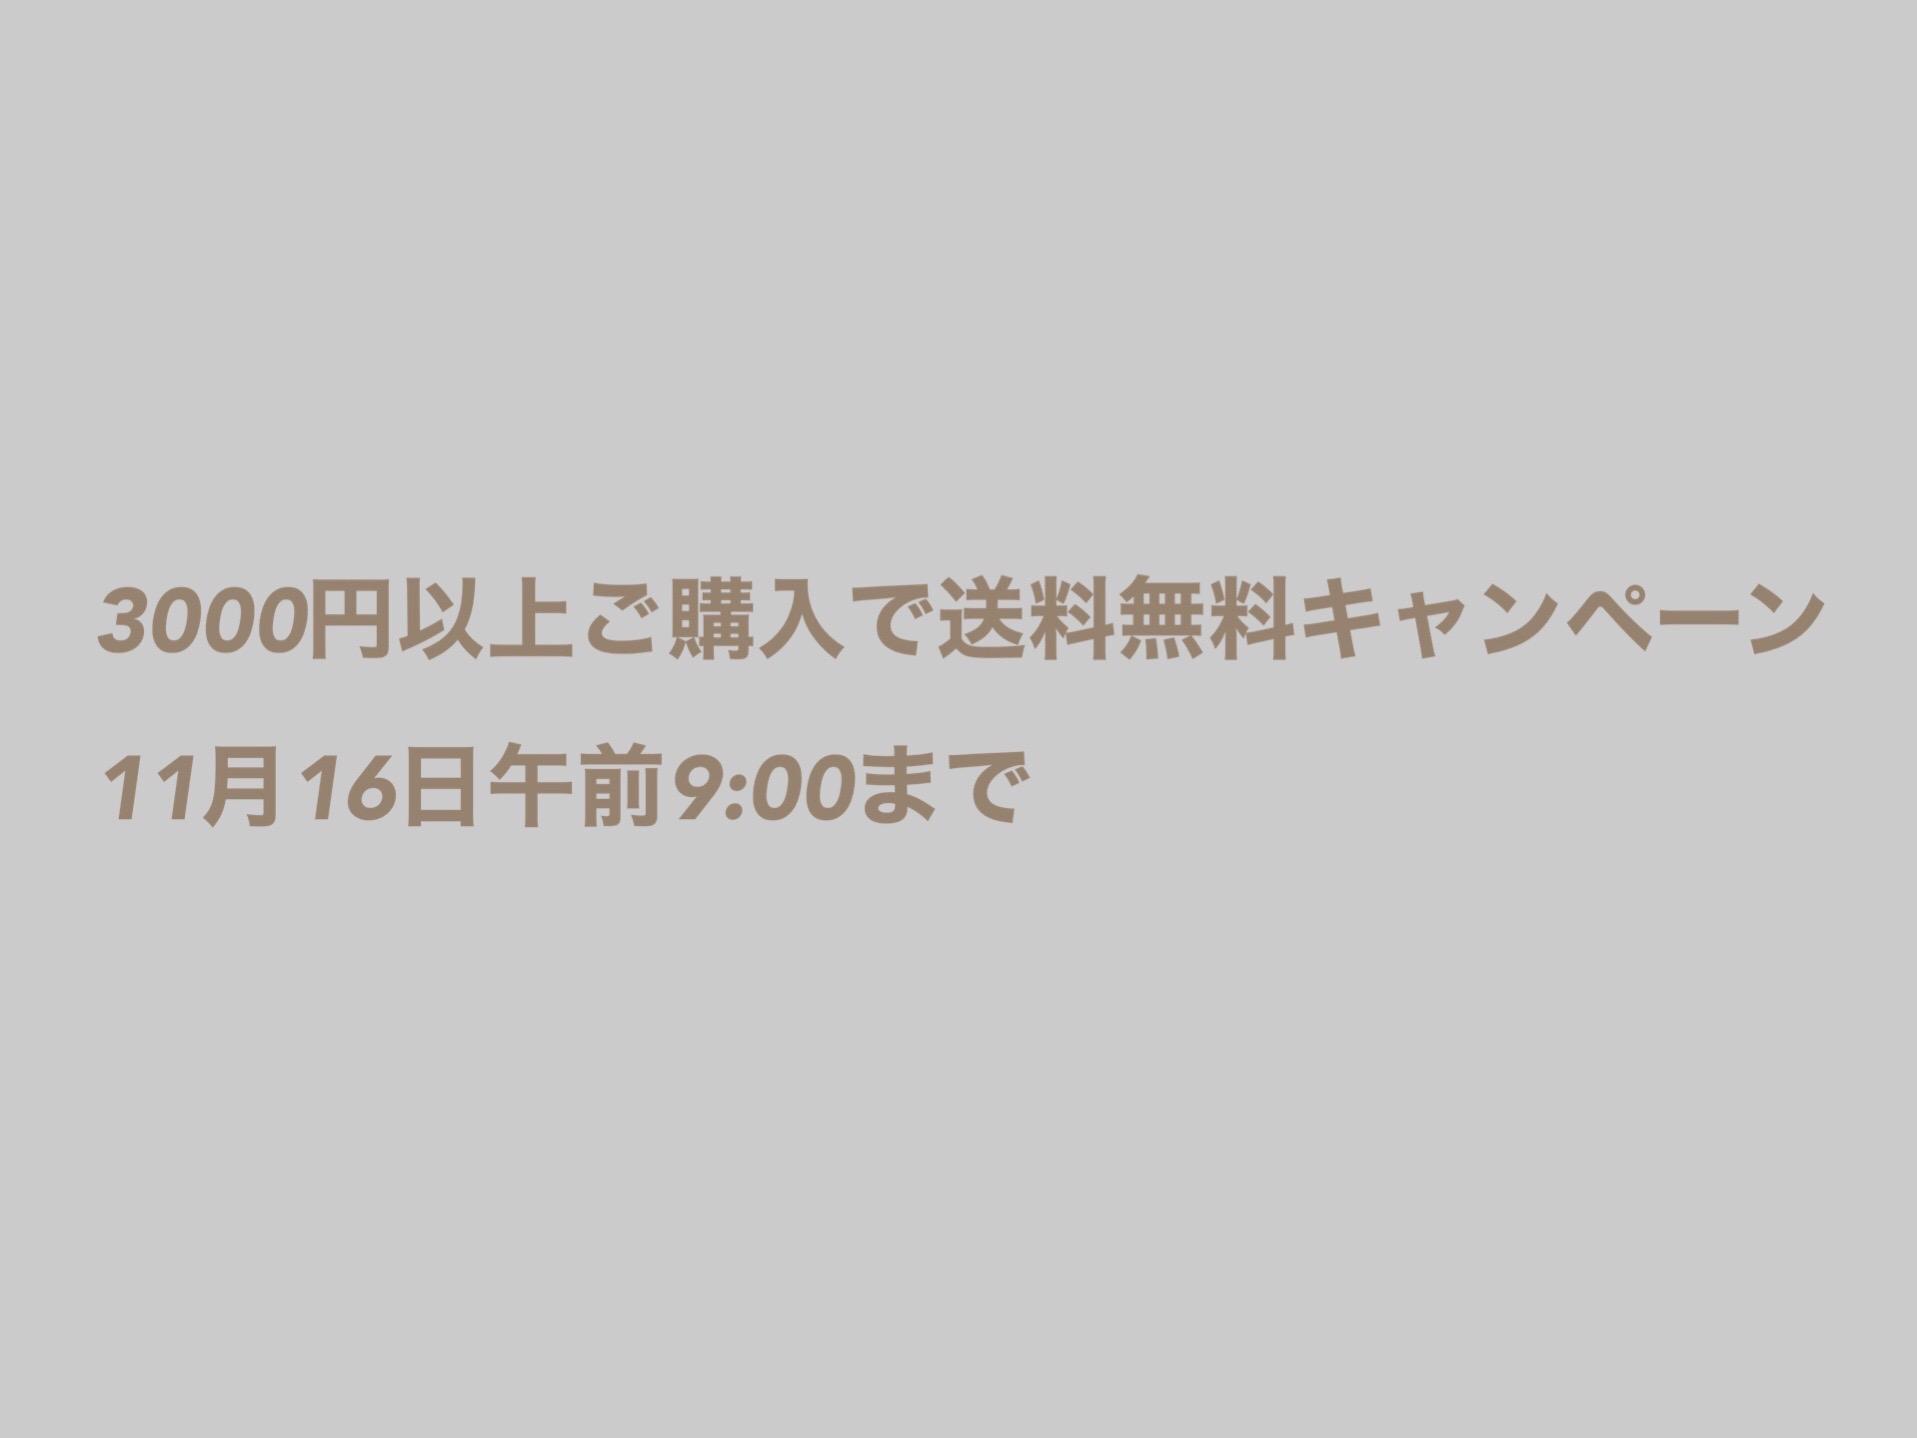 【お知らせ】「¥3,000以上ご購入で配送料無料」キャンペーン終了(11月16日午前9時まで)